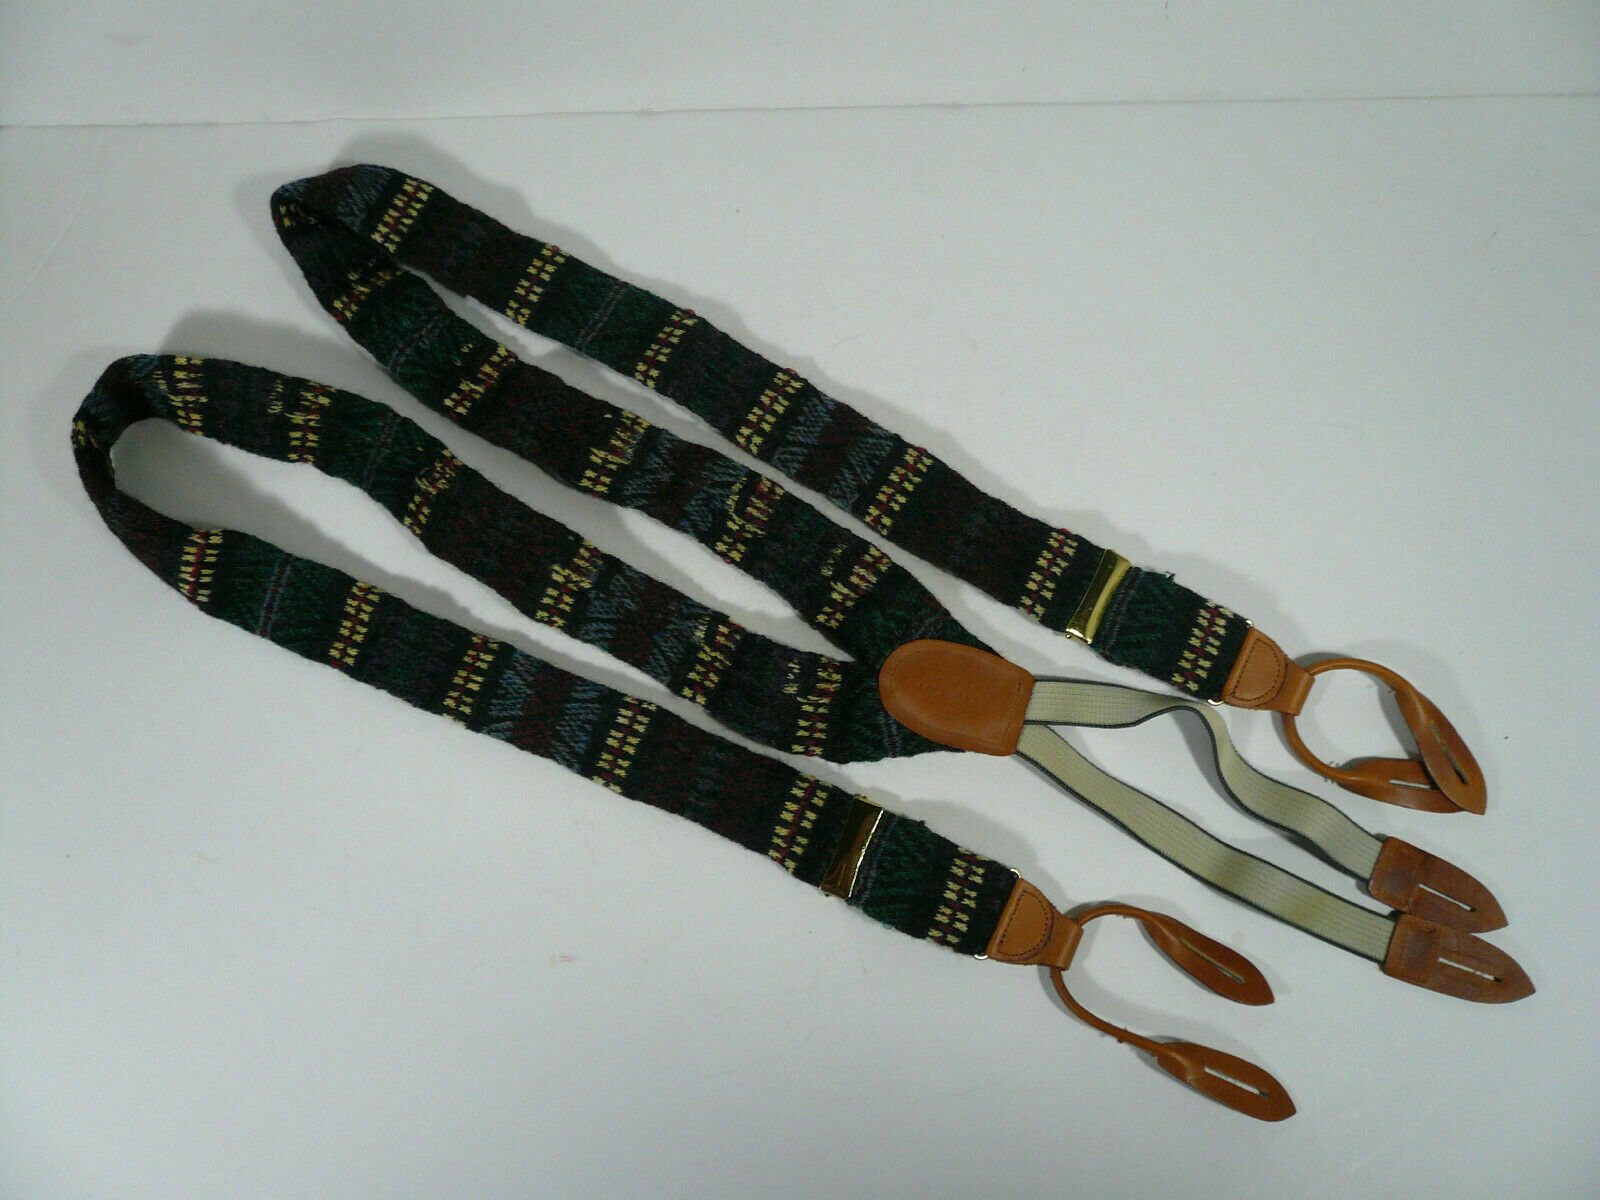 Cole Haan Men's Wool Suspenders Adjustable